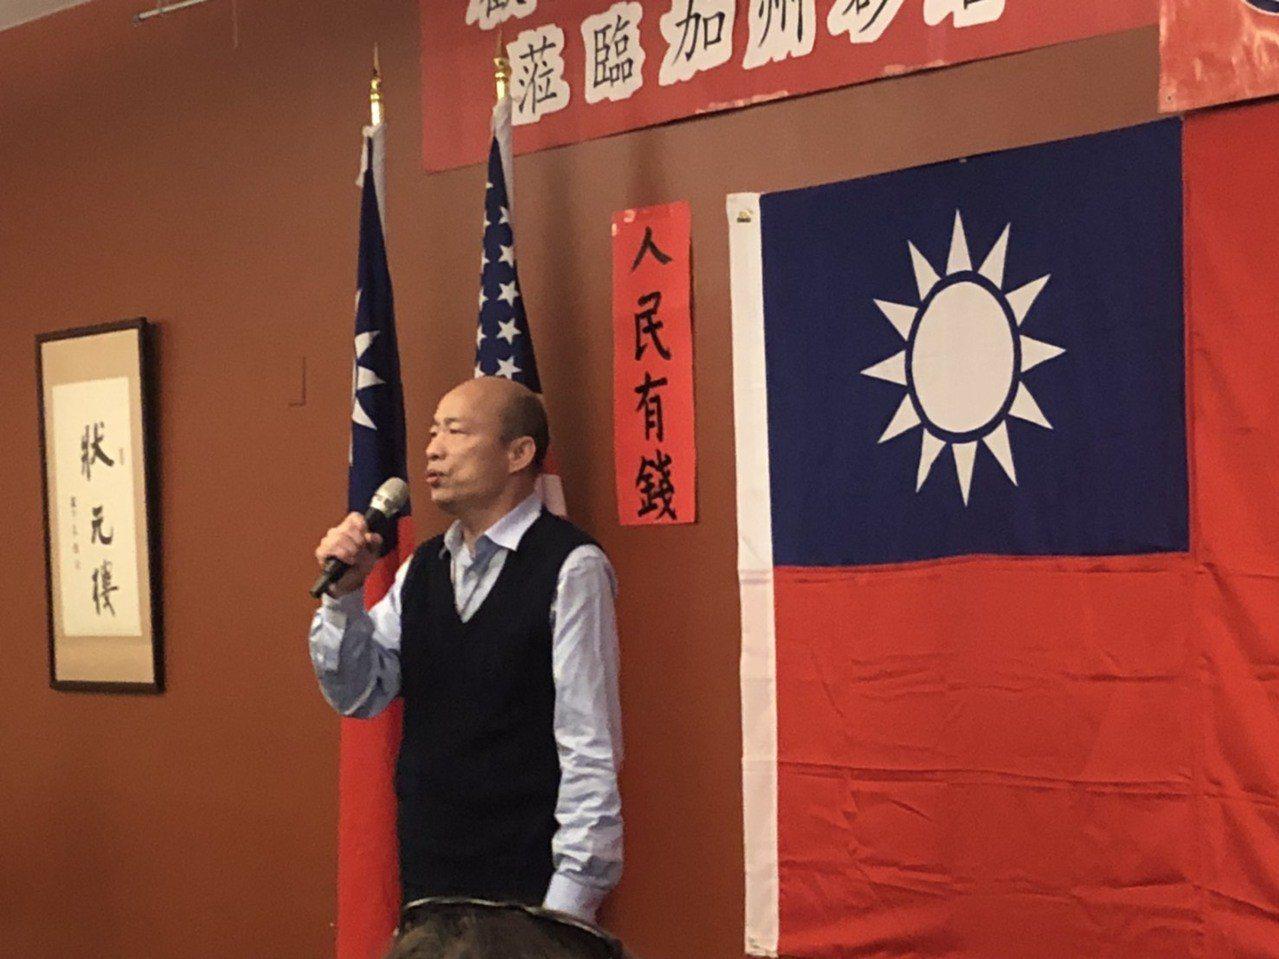 高雄市長韓國瑜說,他抱持著開放心胸和來自世界各地的人交朋友,為高雄搭起更多友誼橋...